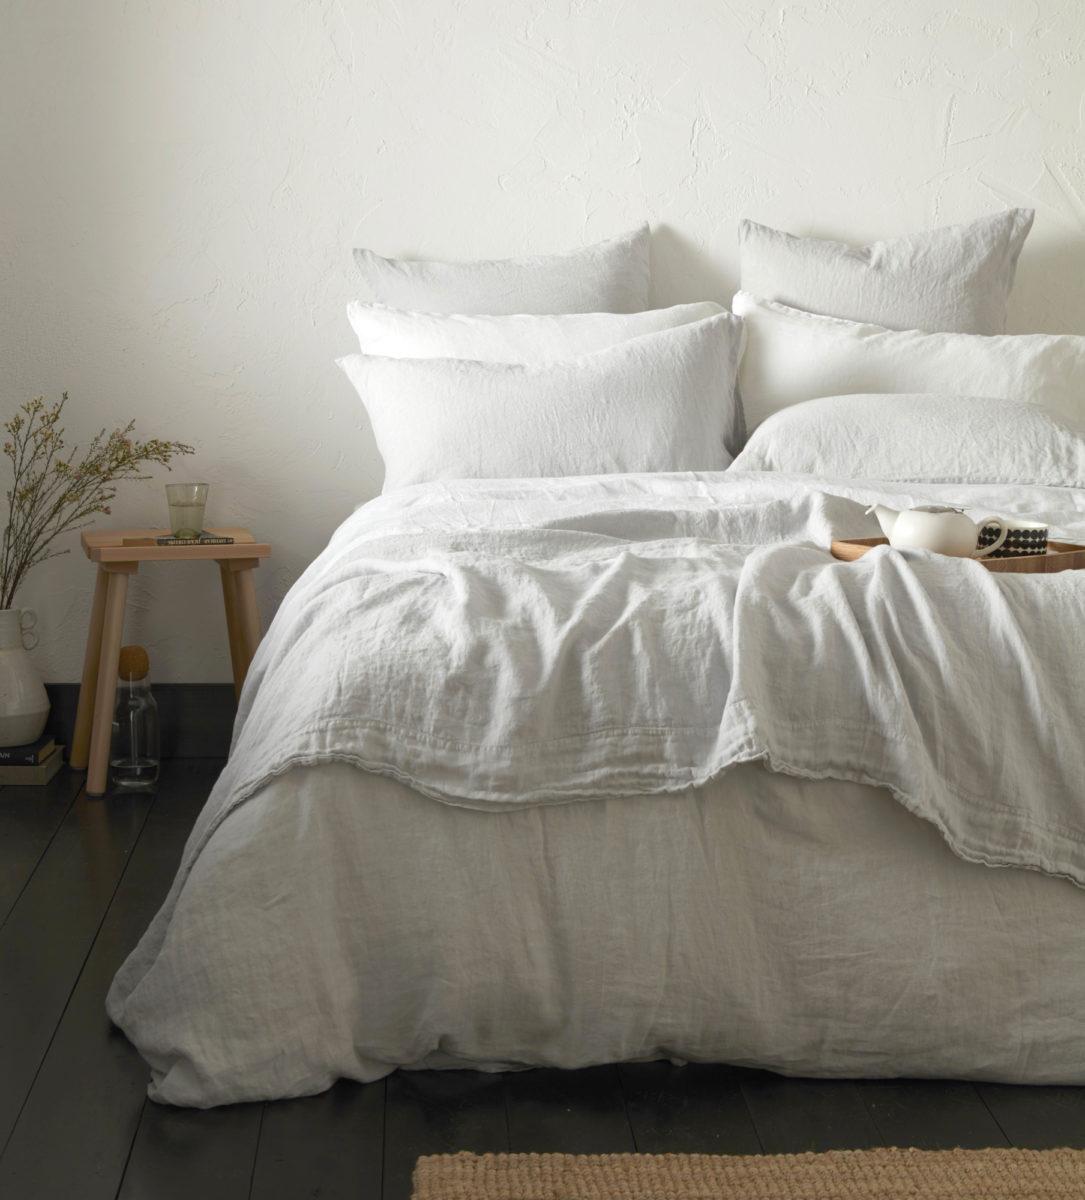 Pebble Grey 100% Linen Bed Linen - Pebble Grey 100% Linen Bed Linen